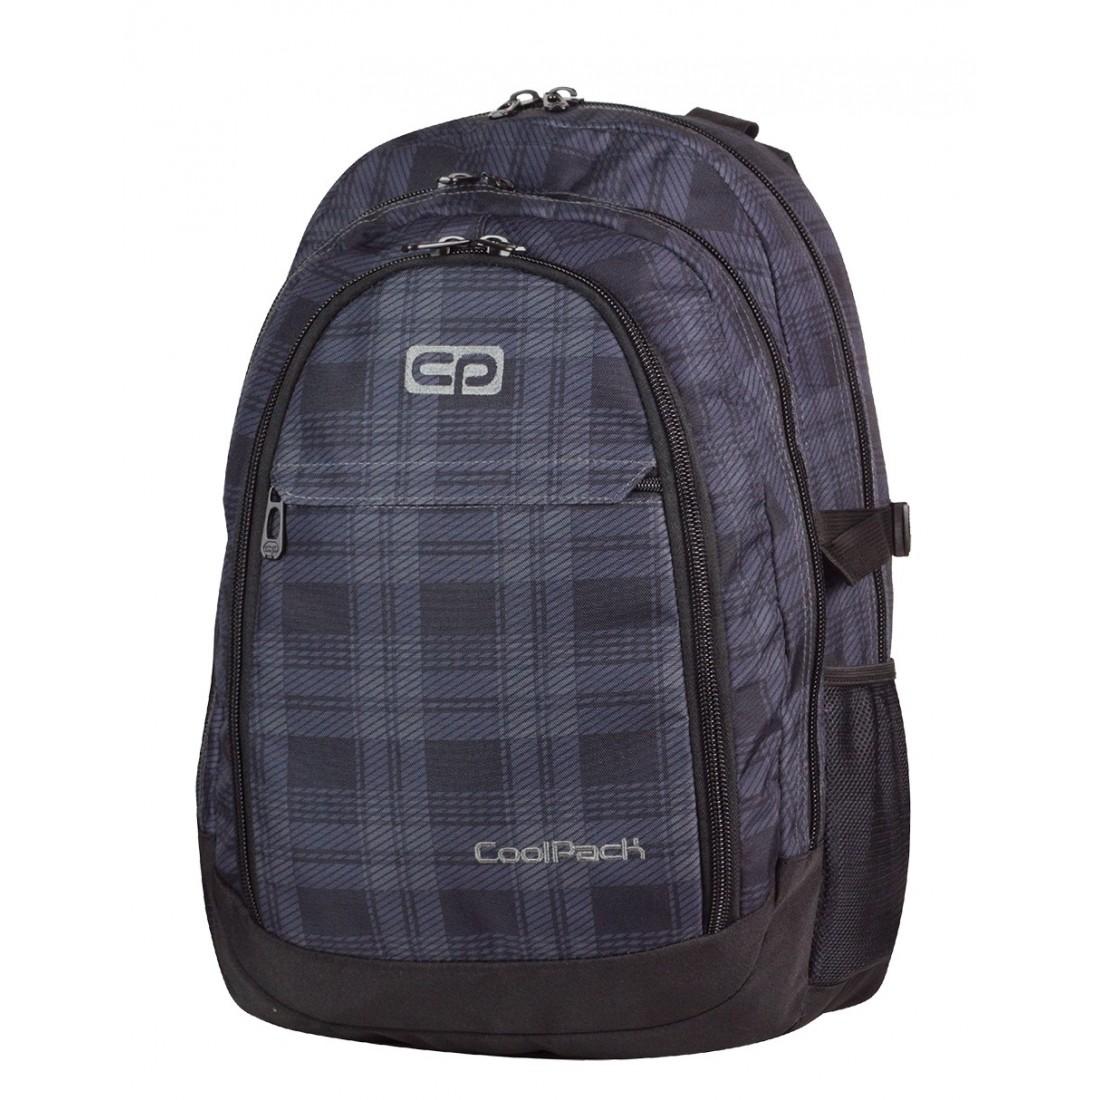 Duży plecak młodzieżowy CoolPack 368 Grand Derby dla chłopaka - plecak-tornister.pl